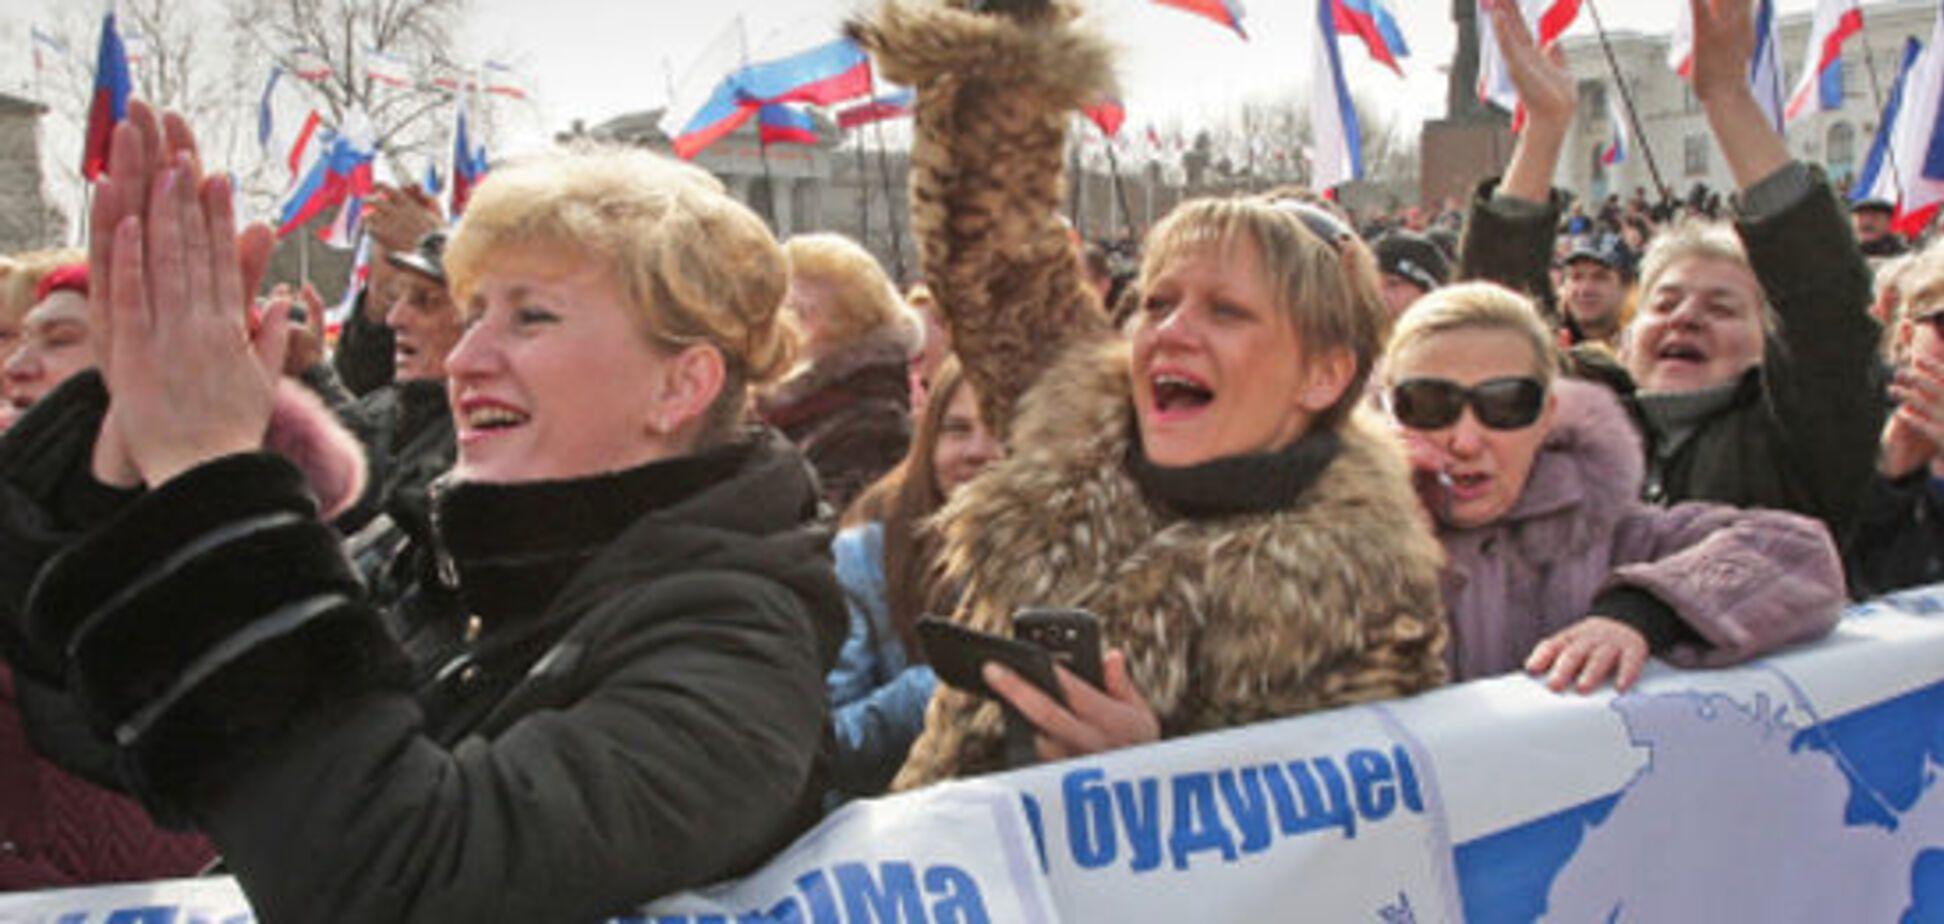 ''Признание'' аннексии Крыма: росСМИ раструбили об ''очередной победе''